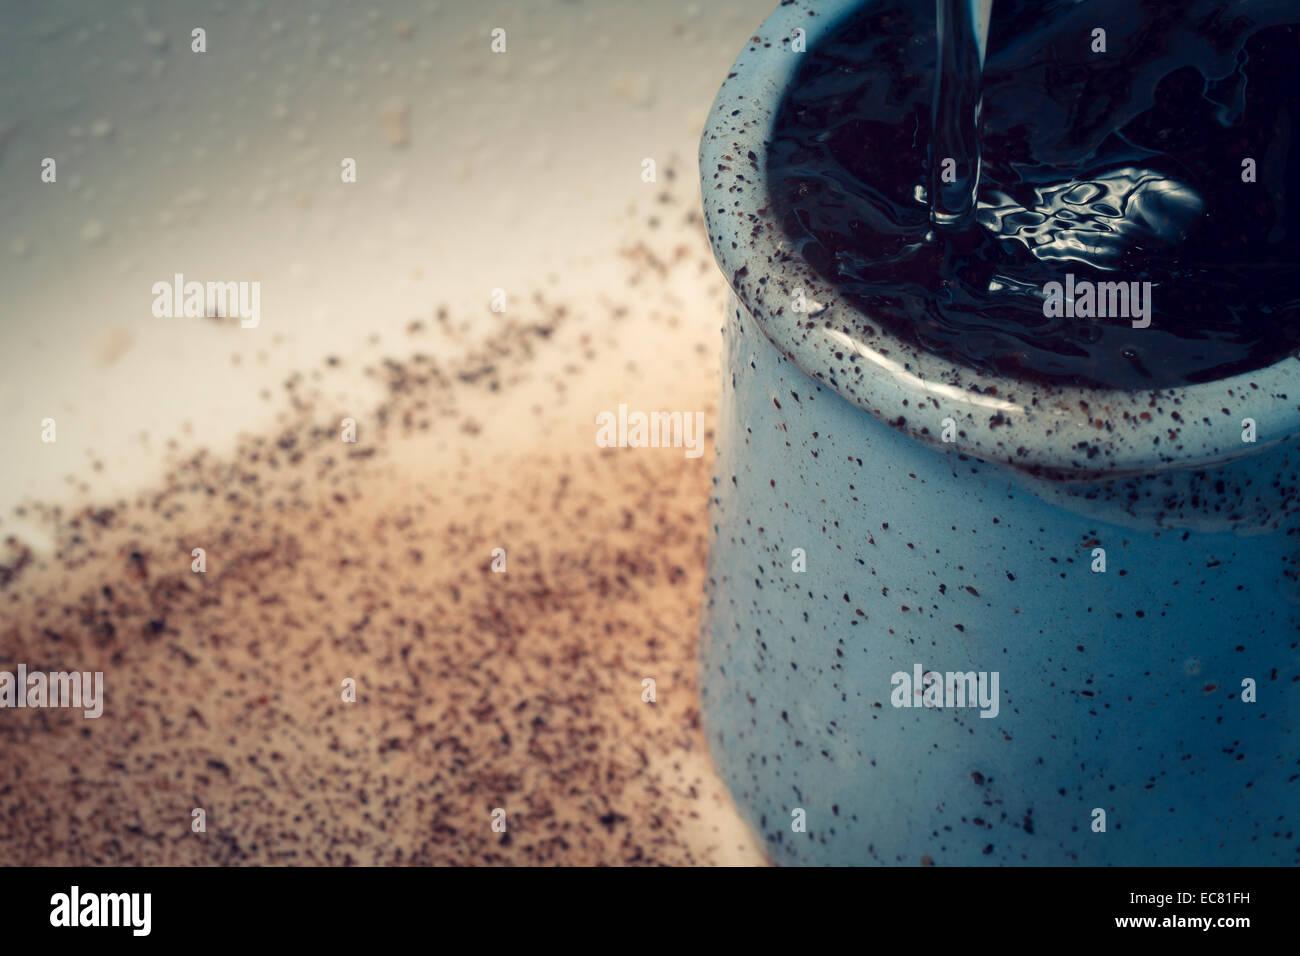 Contenitore a bicchiere pentola con motivi di caffè e acqua Immagini Stock